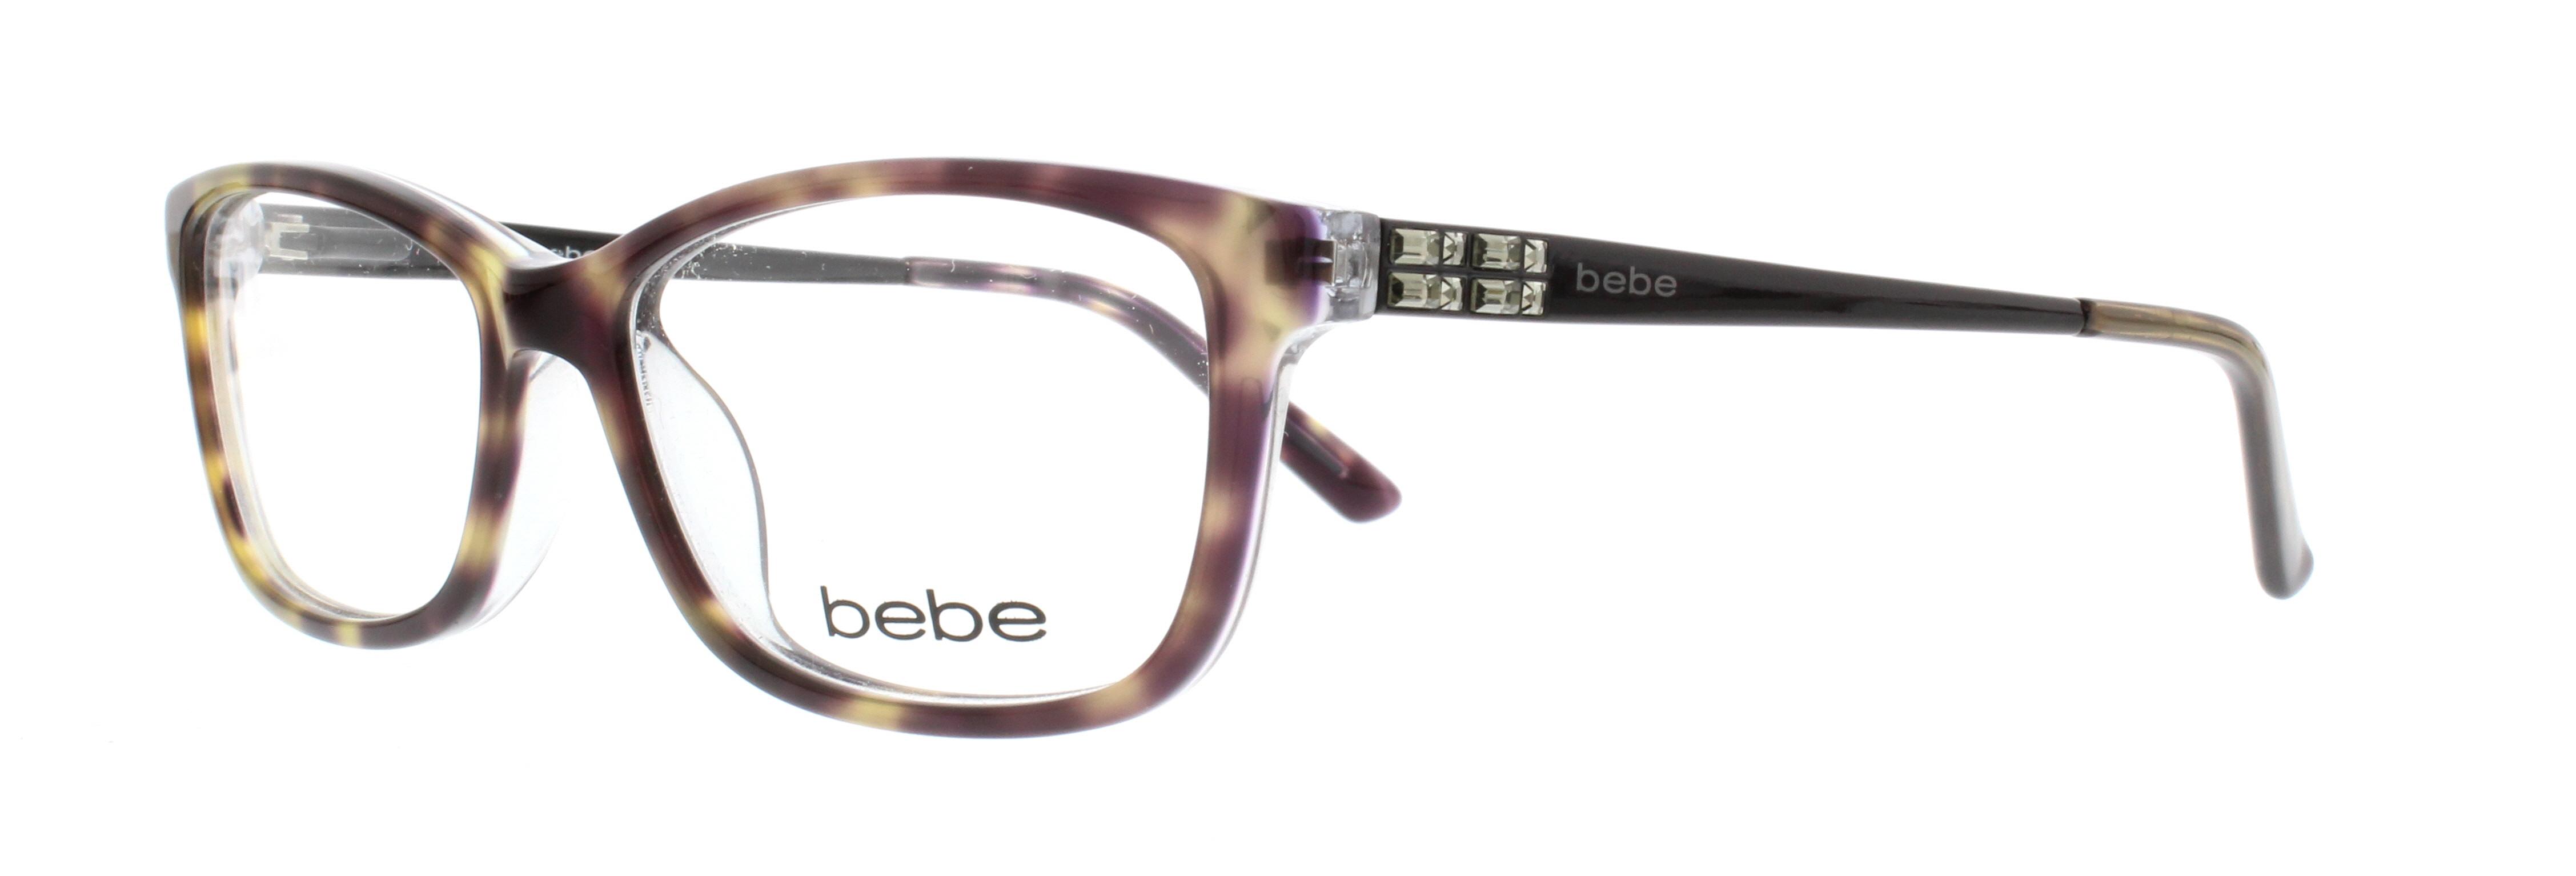 Designer Frames Outlet Bebe Bb5084 Love The Nightlife